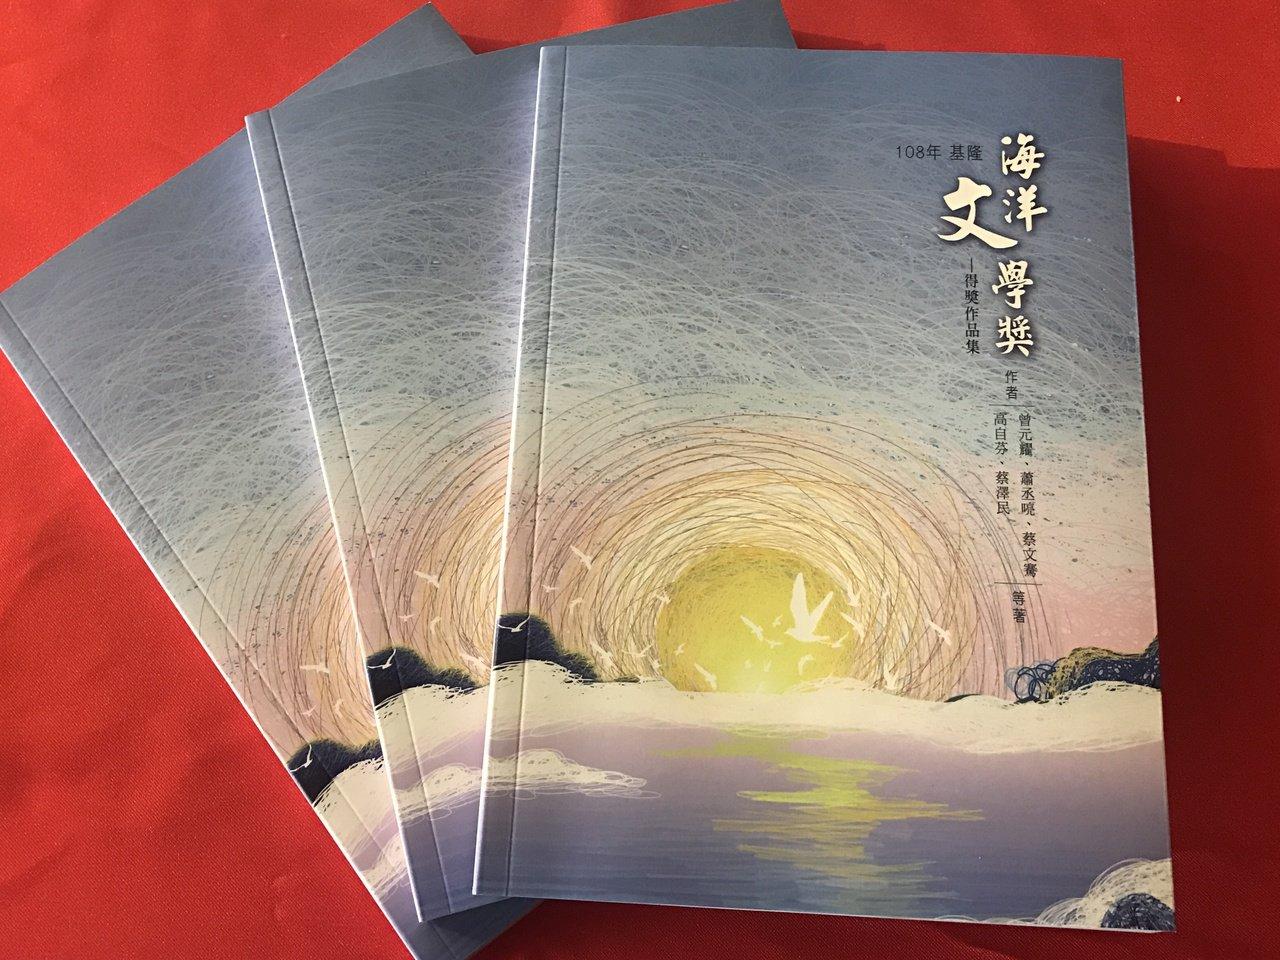 基隆海洋文學獎得獎作品總共15篇,己收錄於得獎專輯中出版成冊。記者吳淑君/攝影